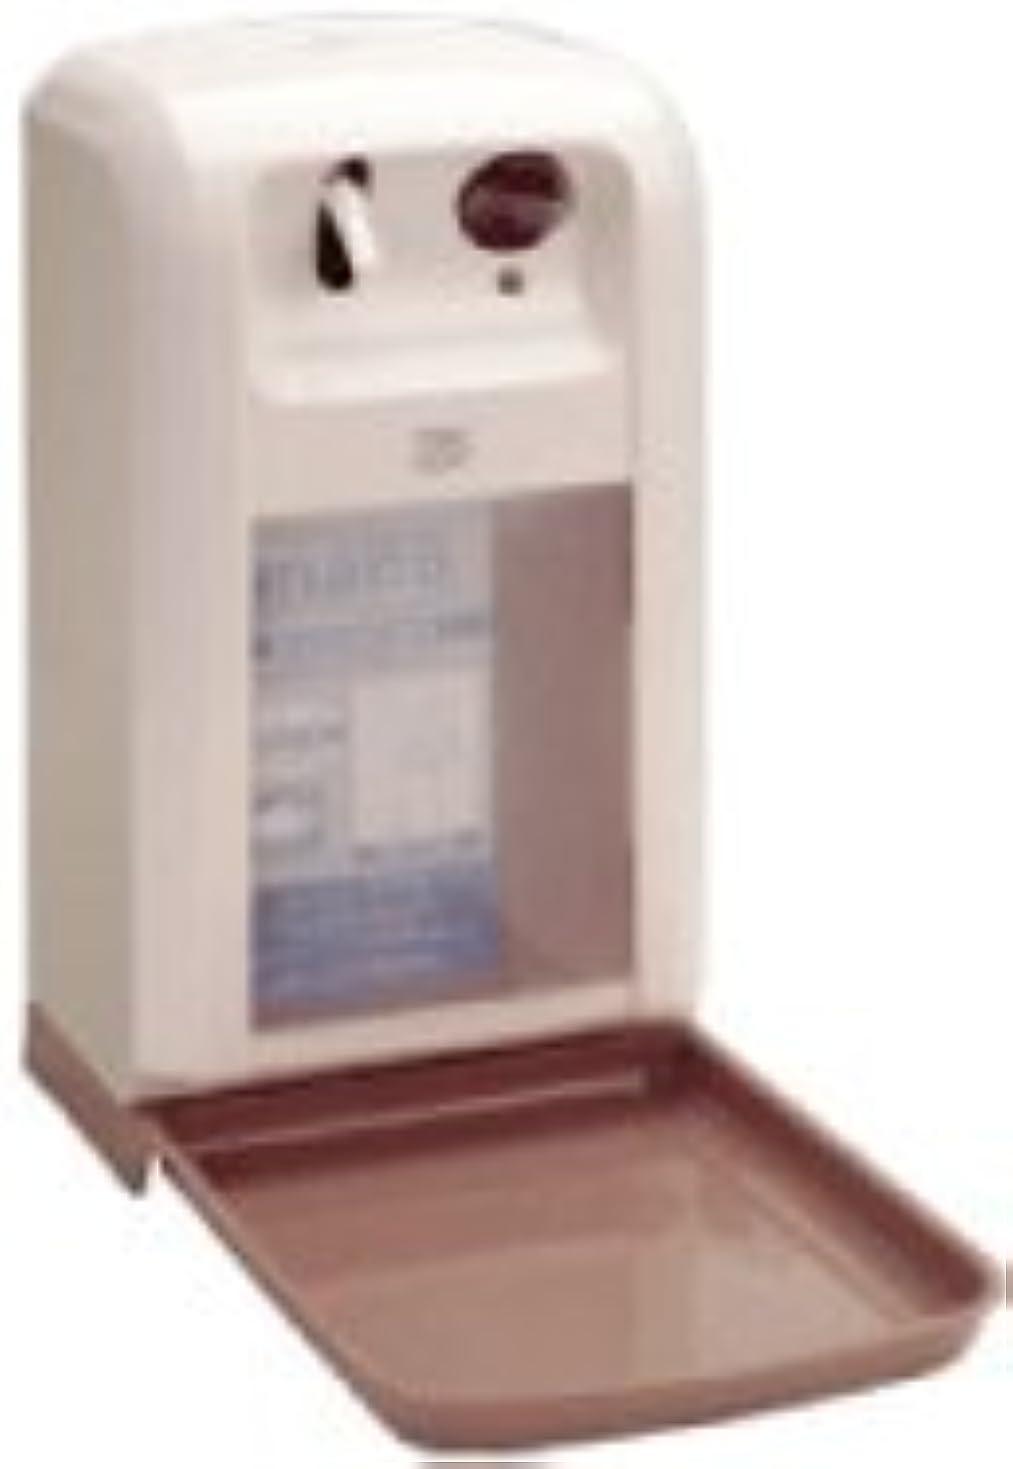 同一の目指す敏感なノータッチ薬液供給装置 mano マーノ